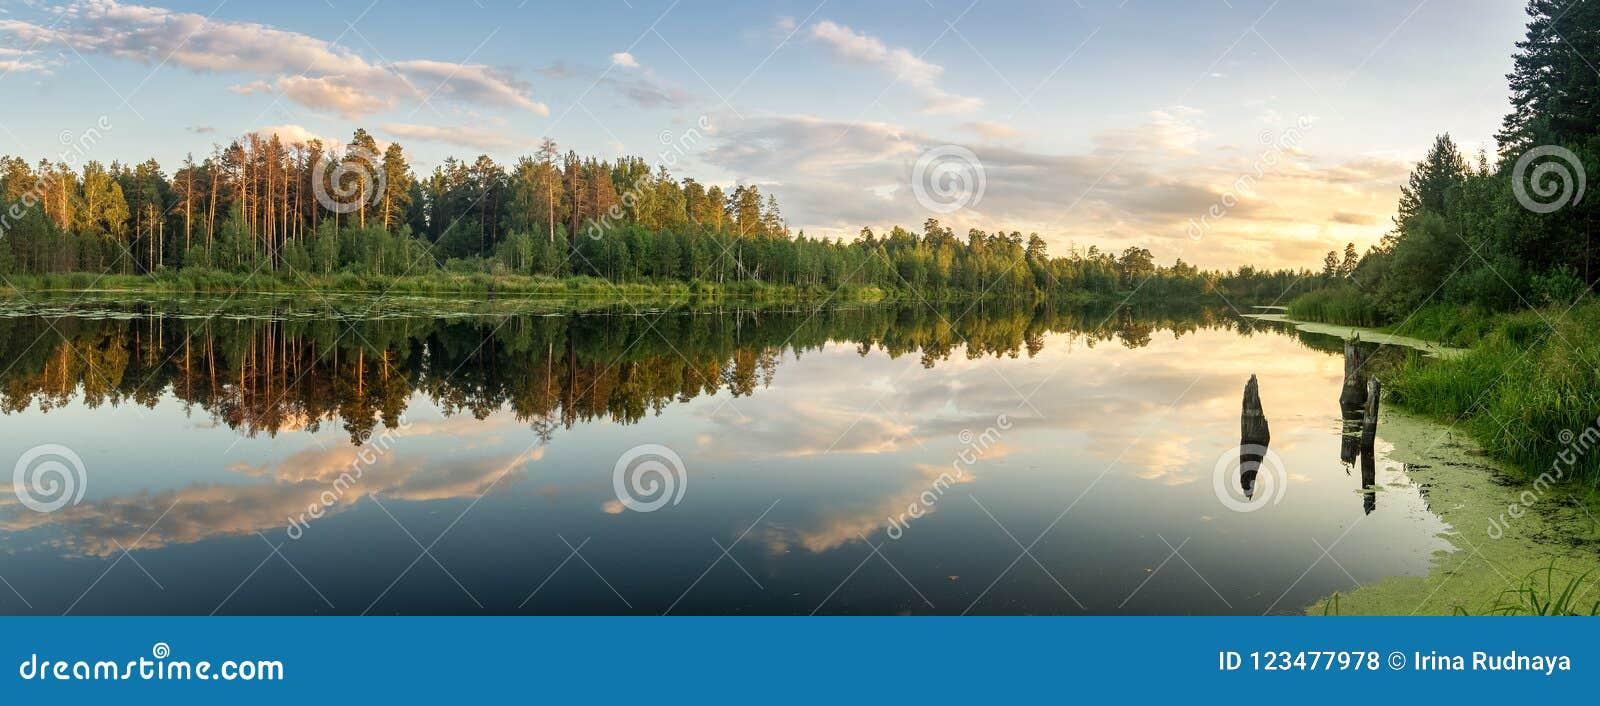 Paisaje de la tarde del verano en el lago Ural con los árboles de pino en la orilla, Rusia